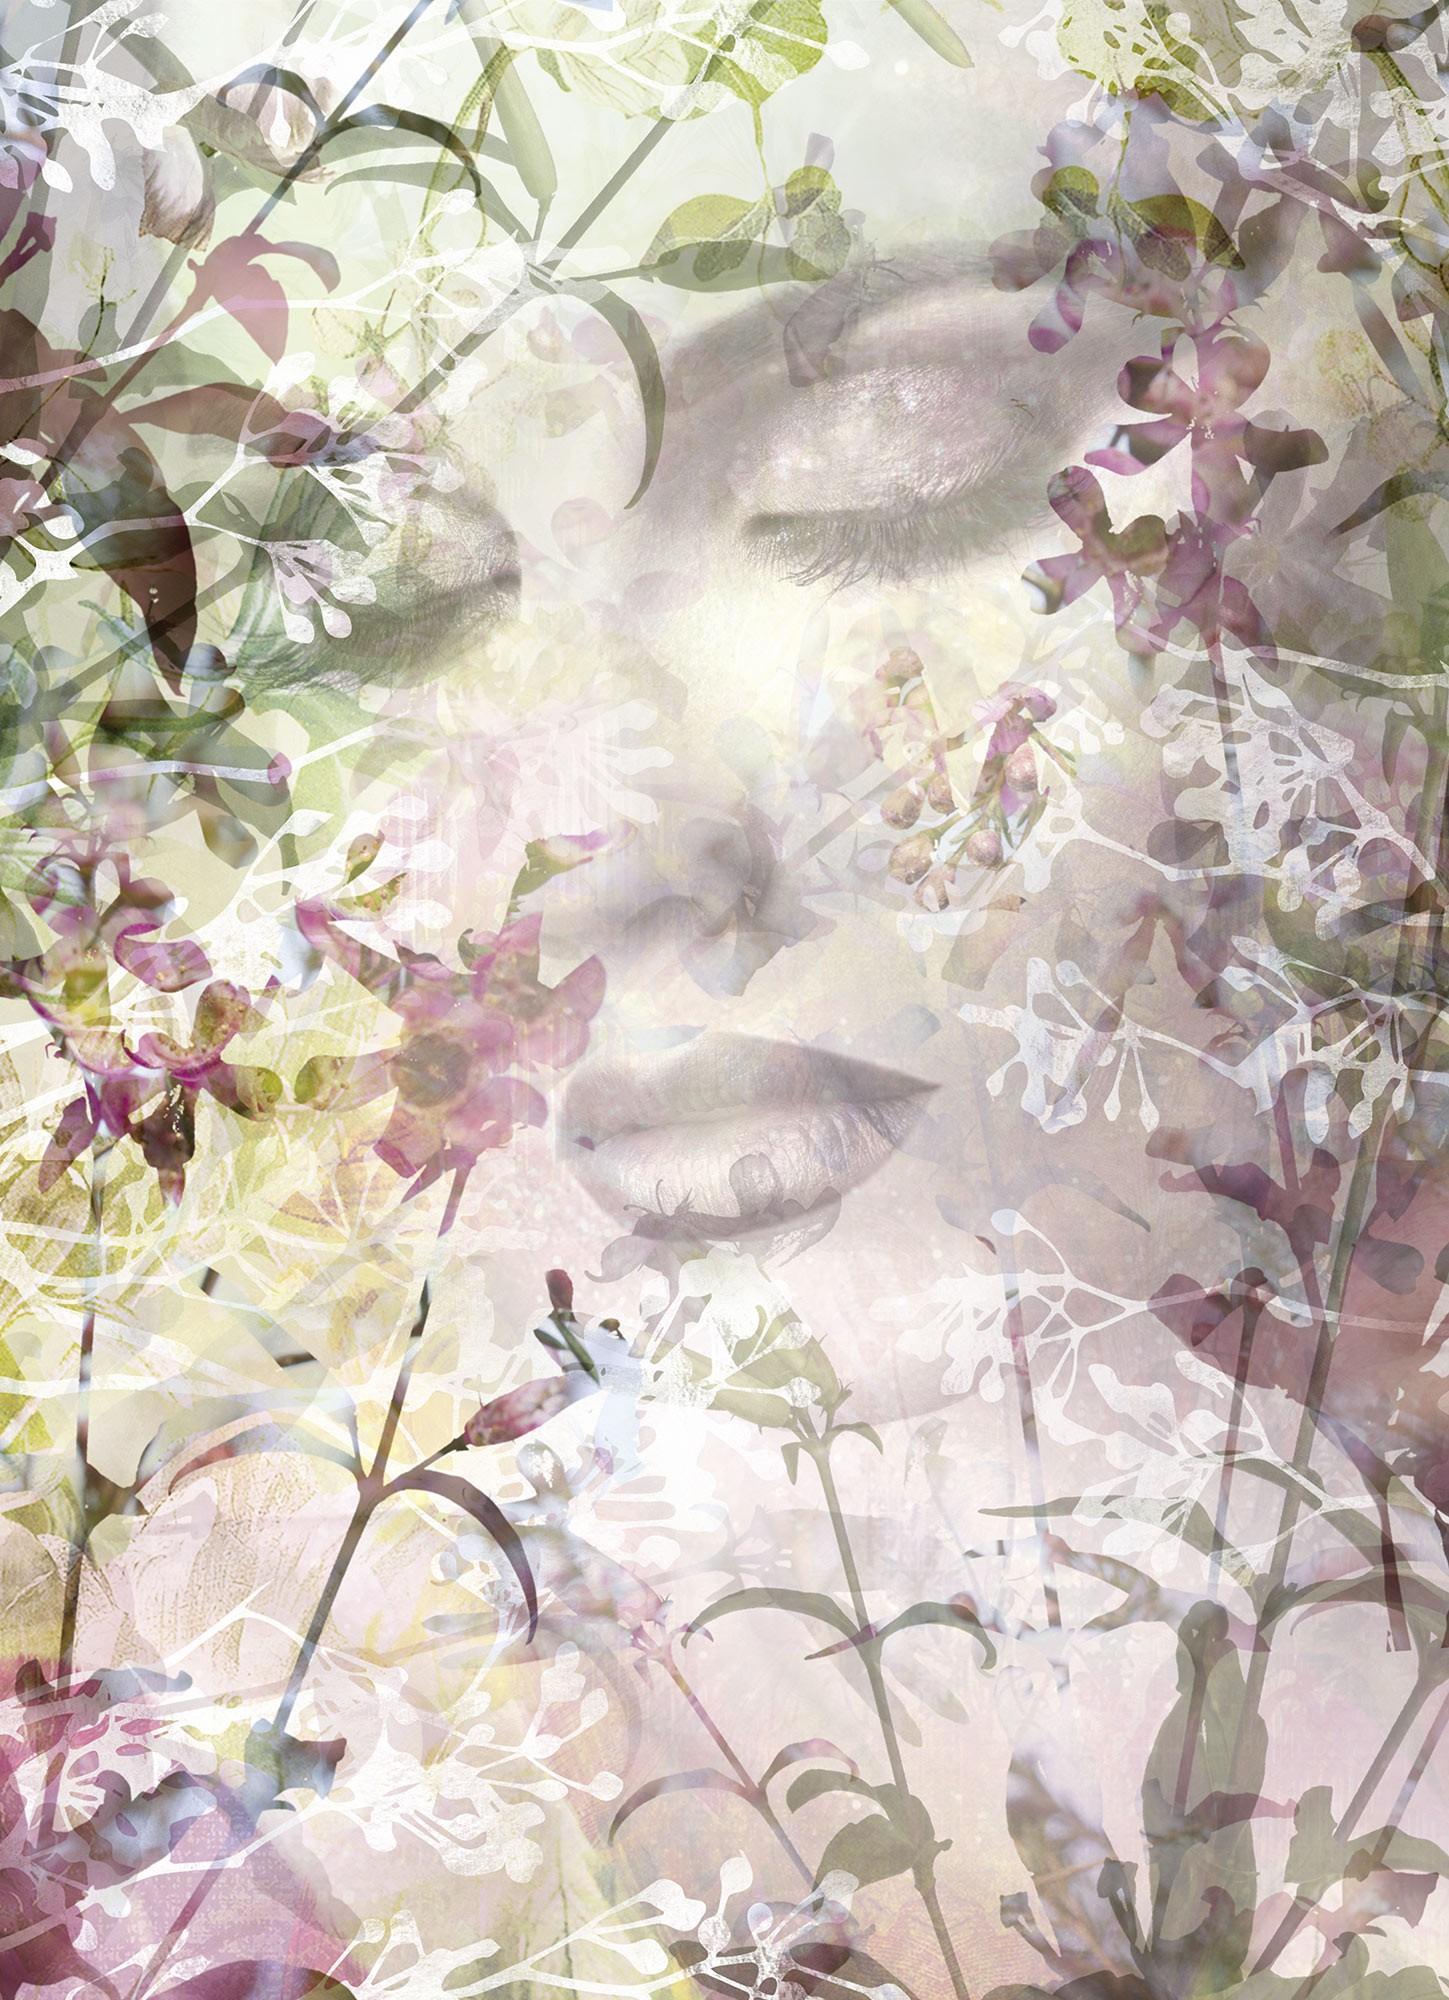 Női arc a virágok között fali poszter